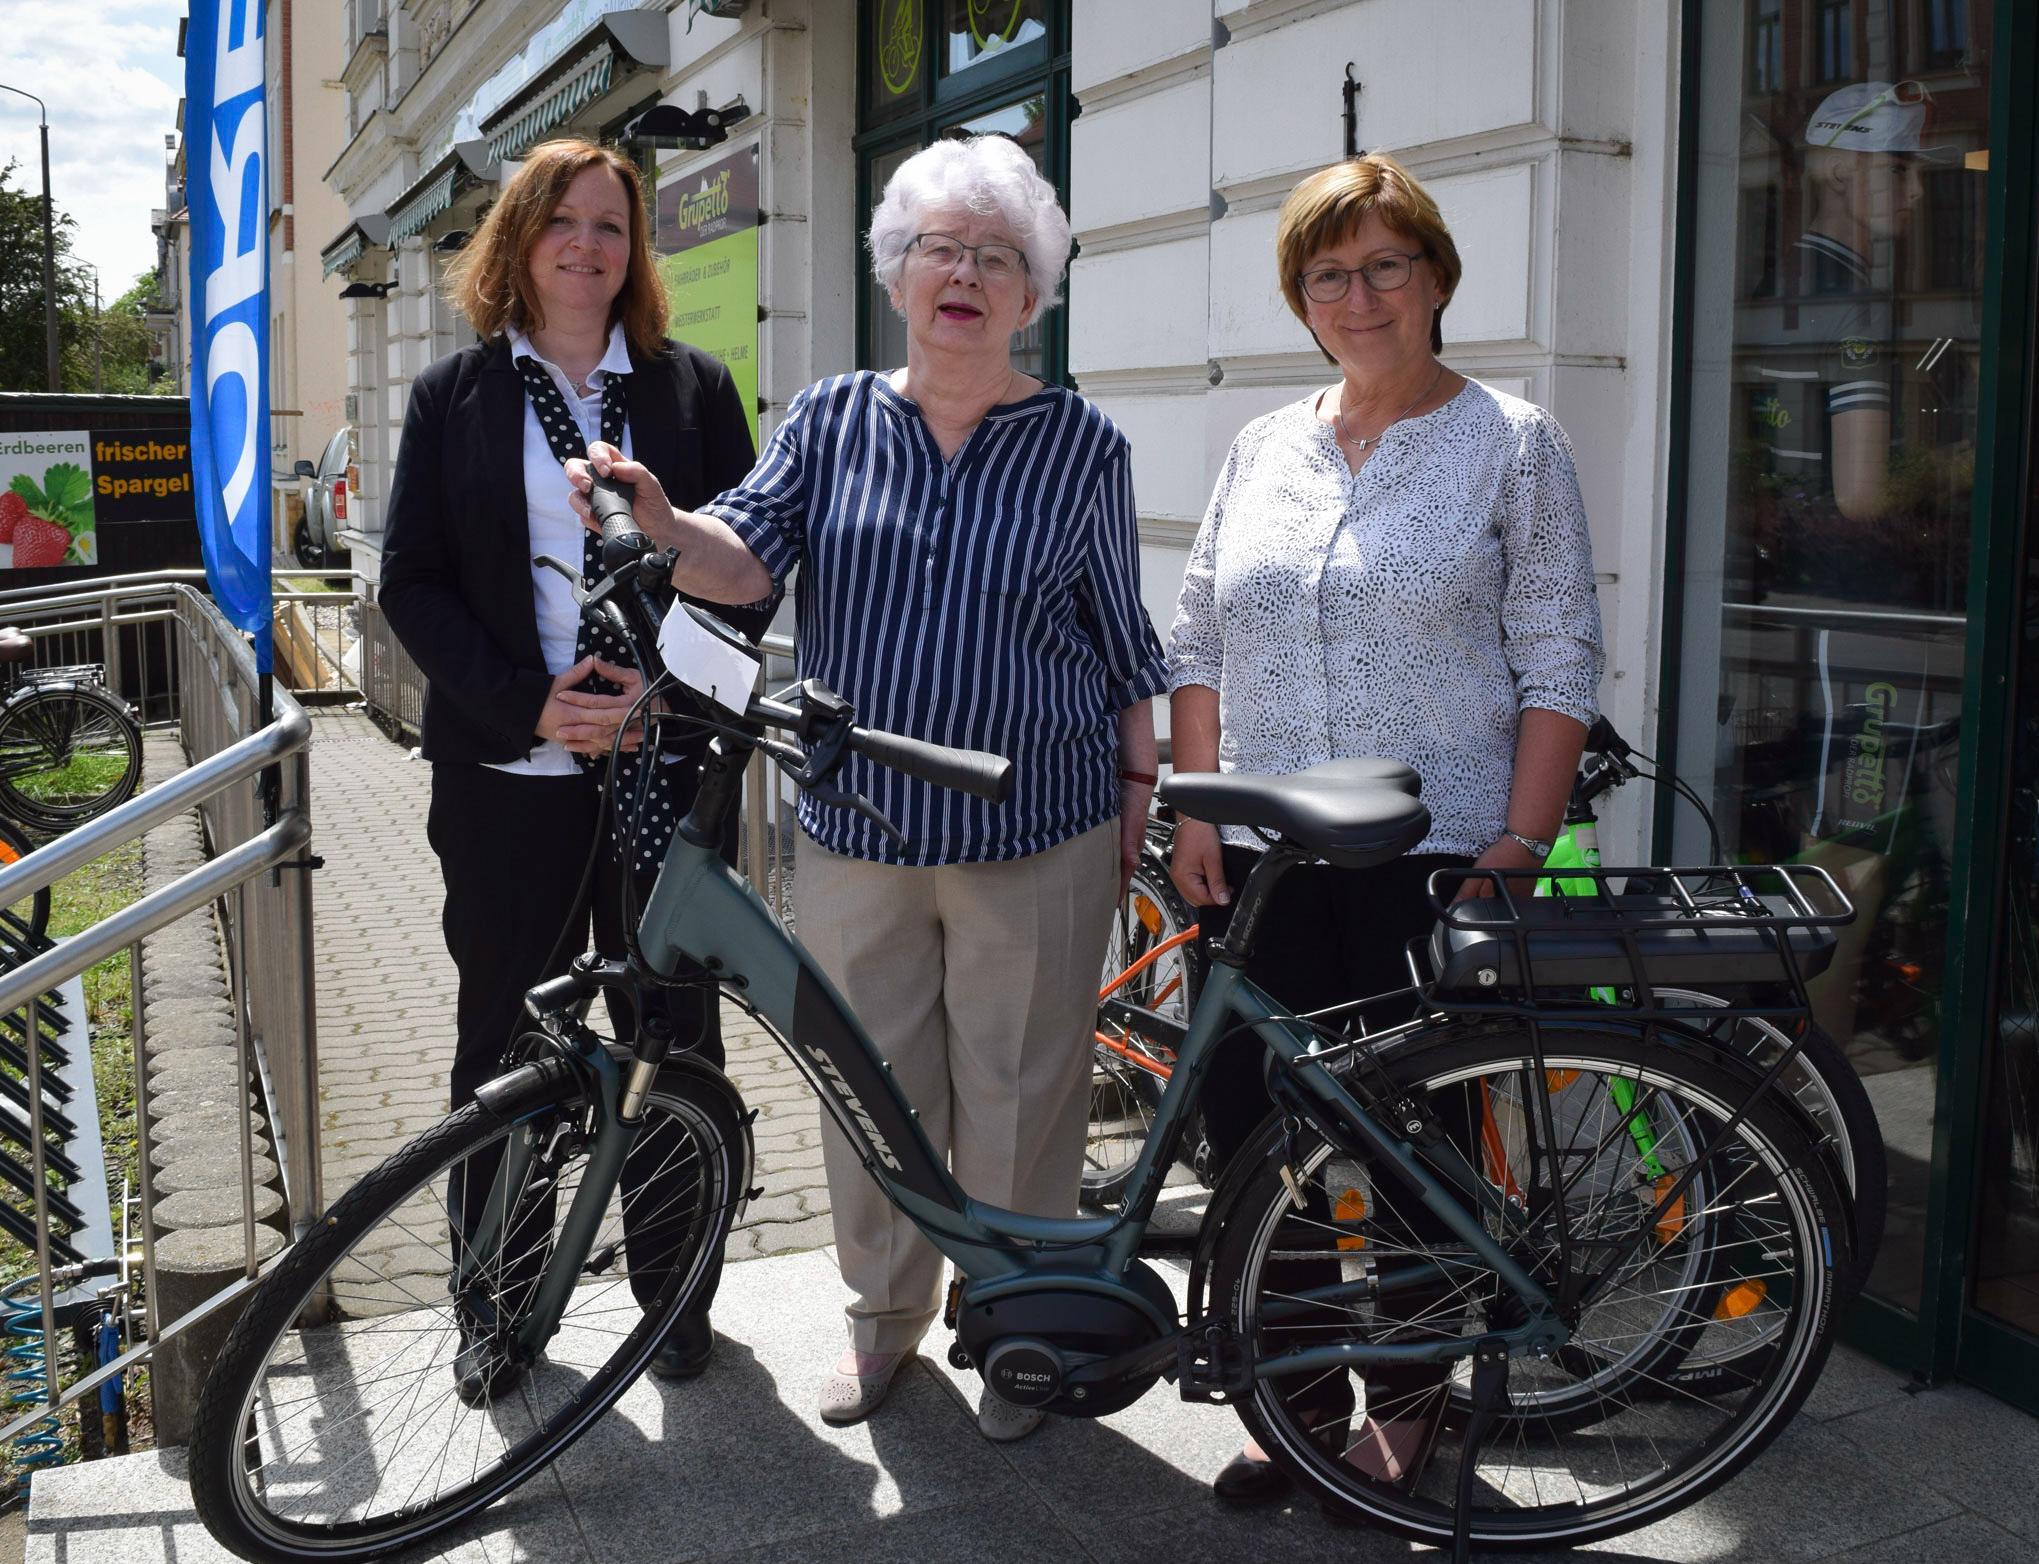 von links: Filialleiterin Taina Jacob-Stamm, Gewinnerin Pia Zschoche und Kundenberaterin Margit Richter